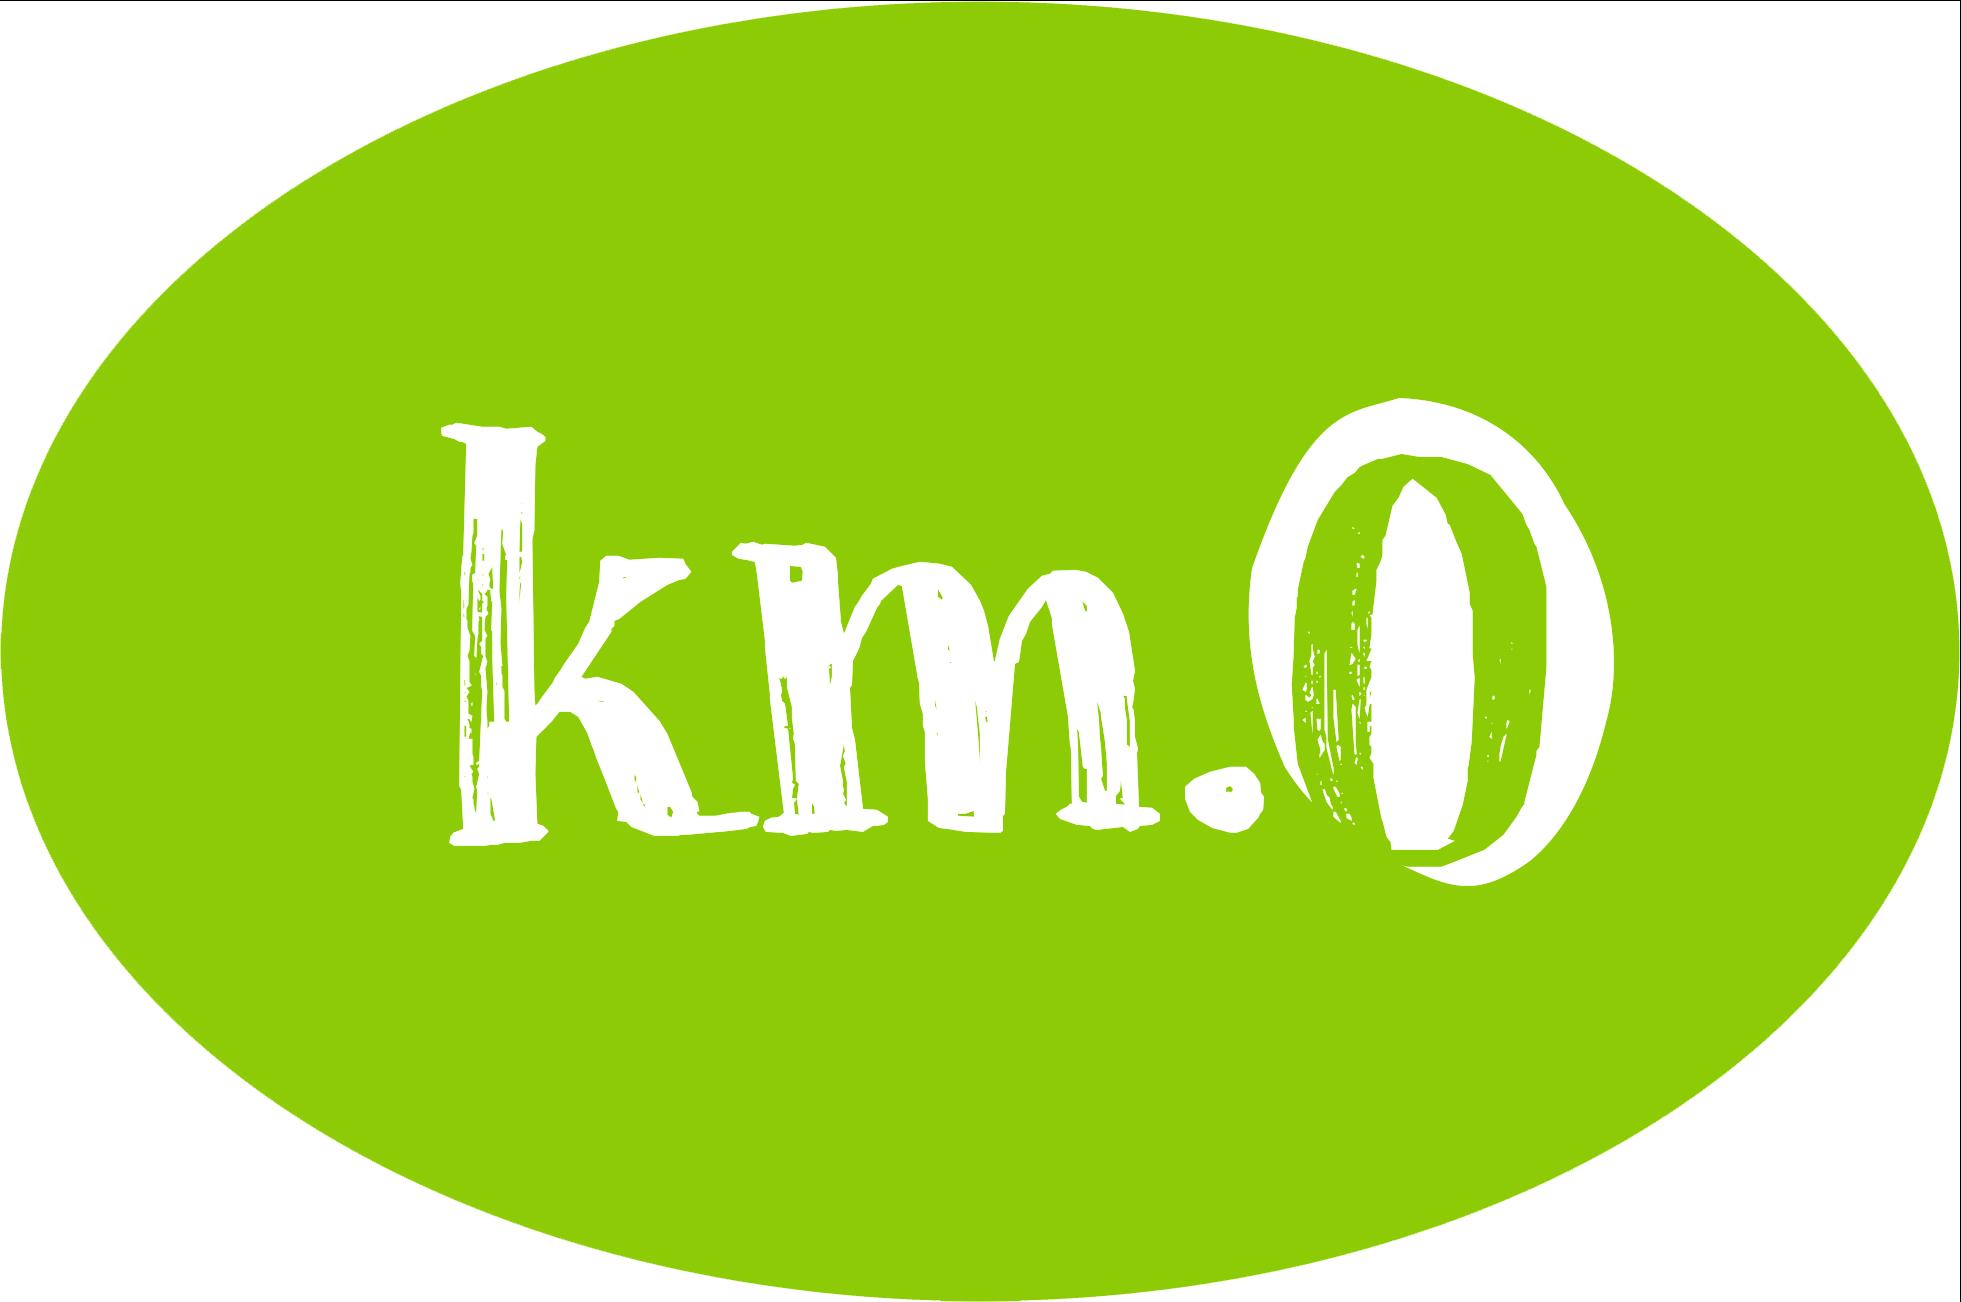 km02 fundo transparente